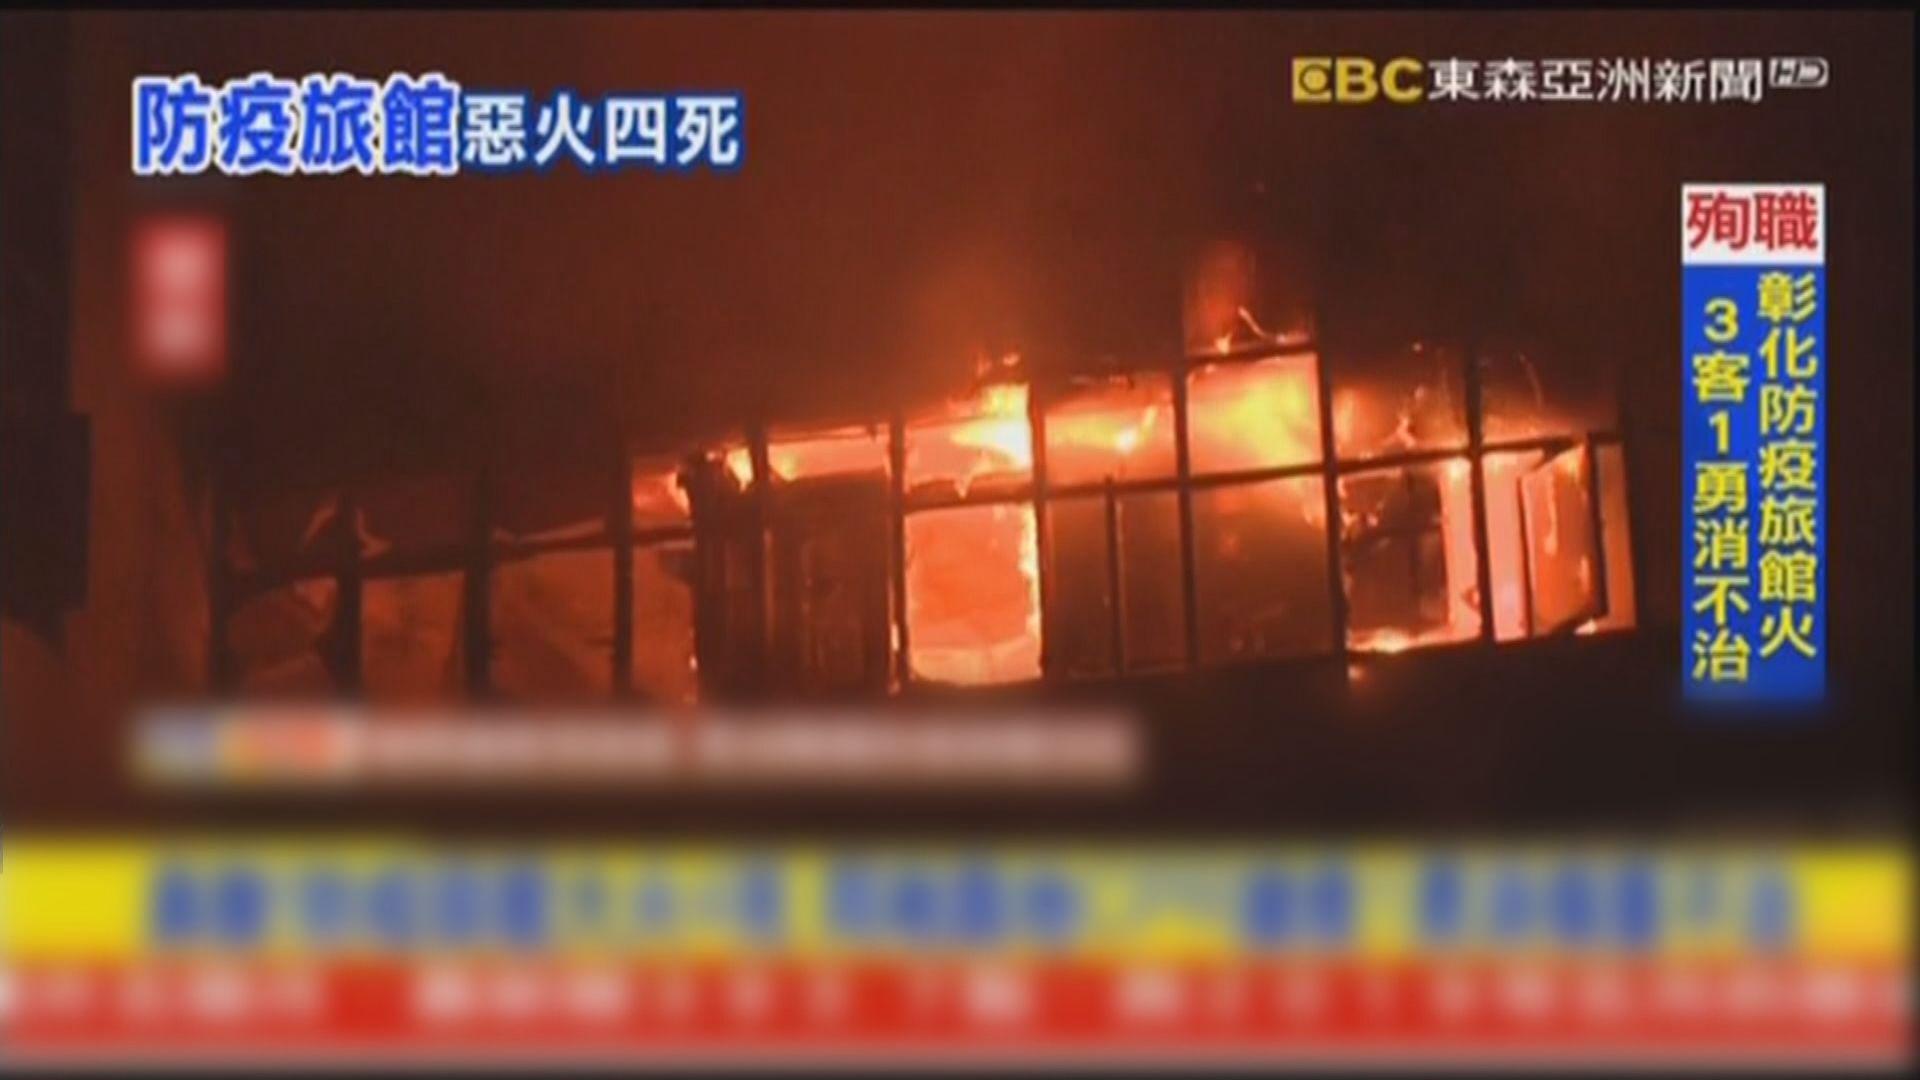 台灣彰化大樓火警四人死亡